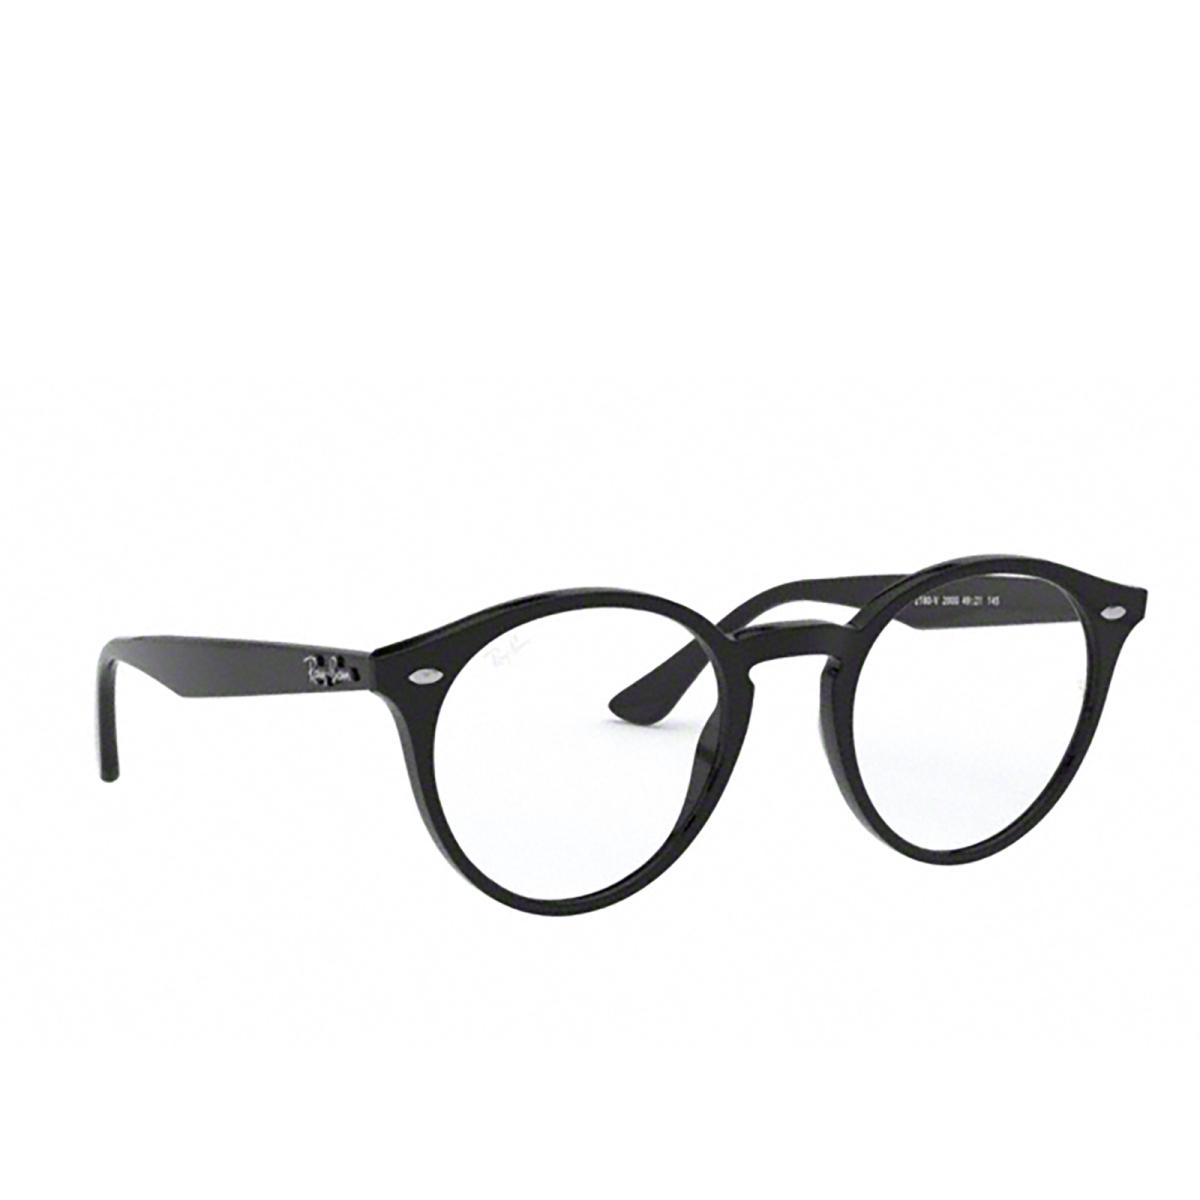 Ray-Ban® Round Eyeglasses: RX2180V color Shiny Black 2000 - three-quarters view.